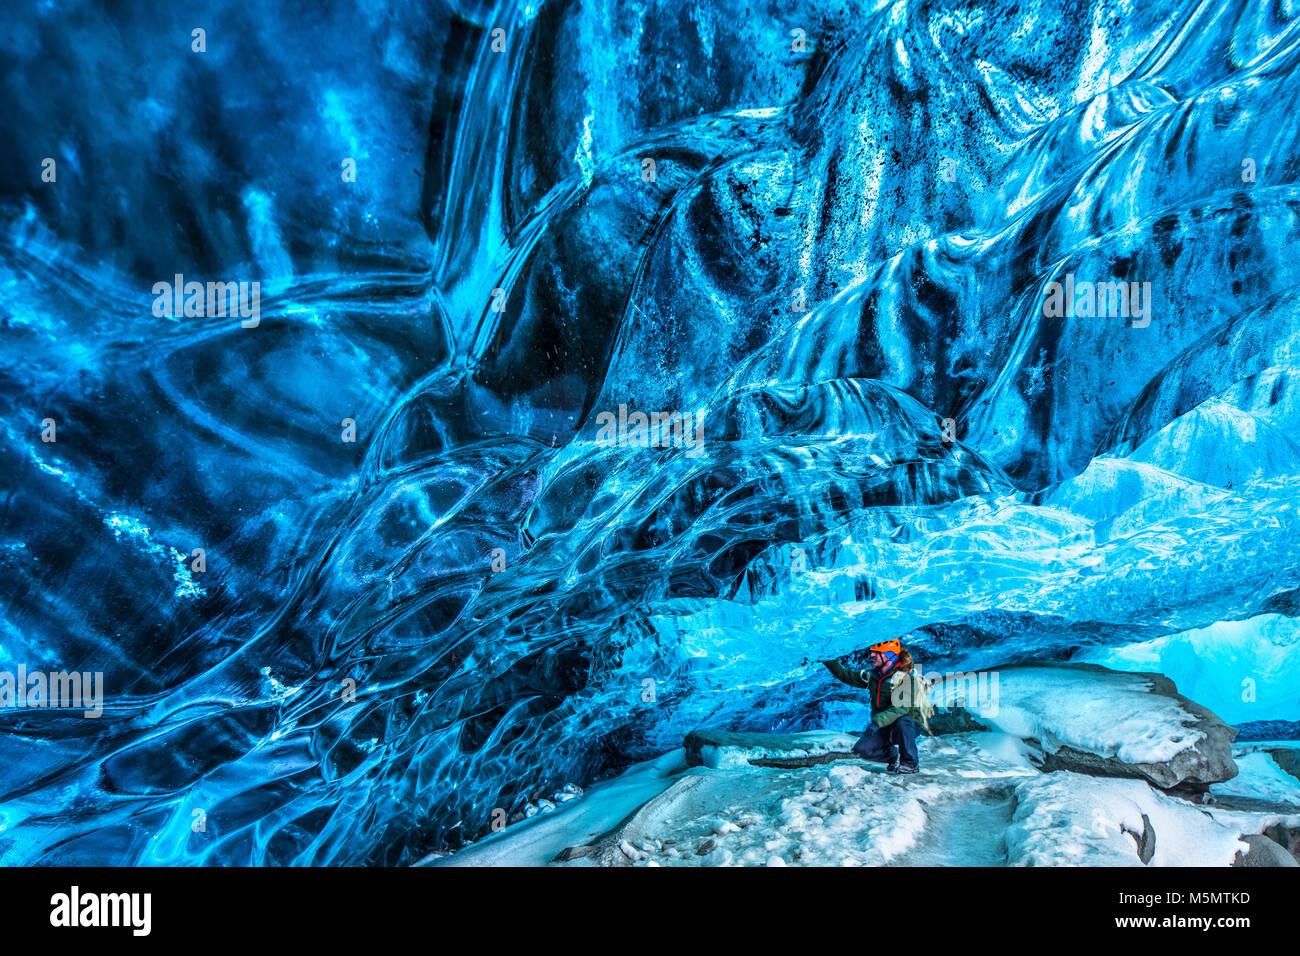 Découverte touristique de la grotte de glace, le voyageur actif homme appréciant la beauté d'une Photo Stock